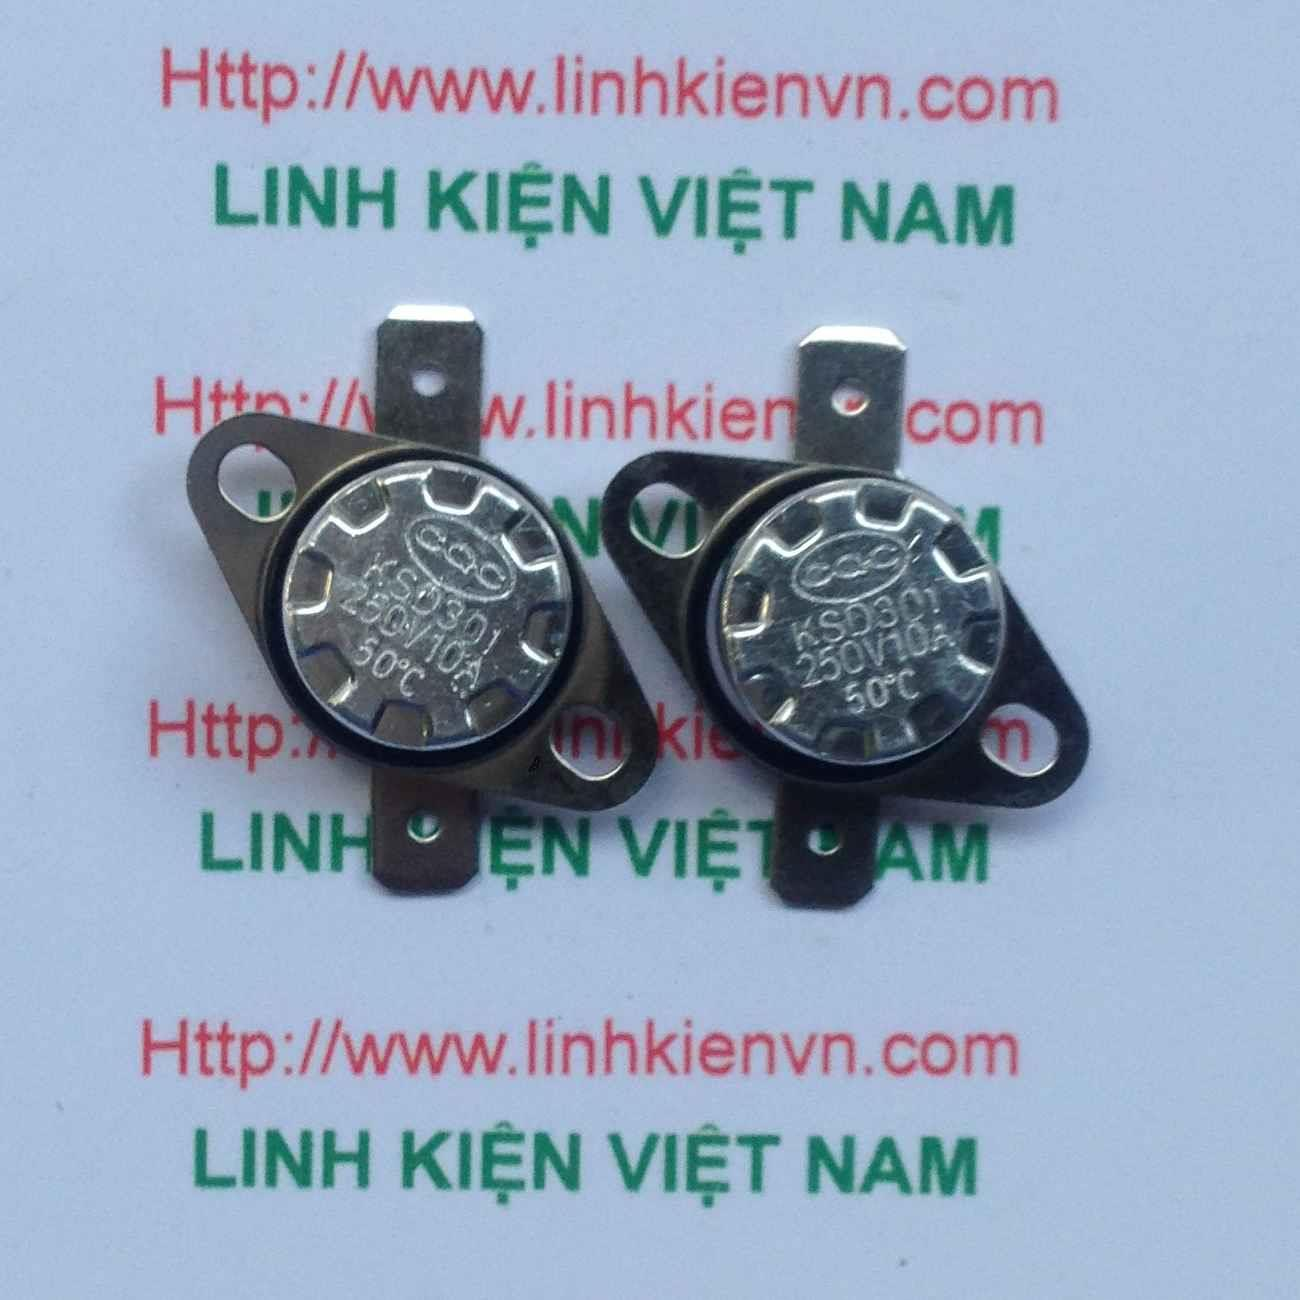 Relay nhiệt KSD301 50 độ - THƯỜNG ĐÓNG/ Relay nhiệt KSD301 10A/250V  - G3H8